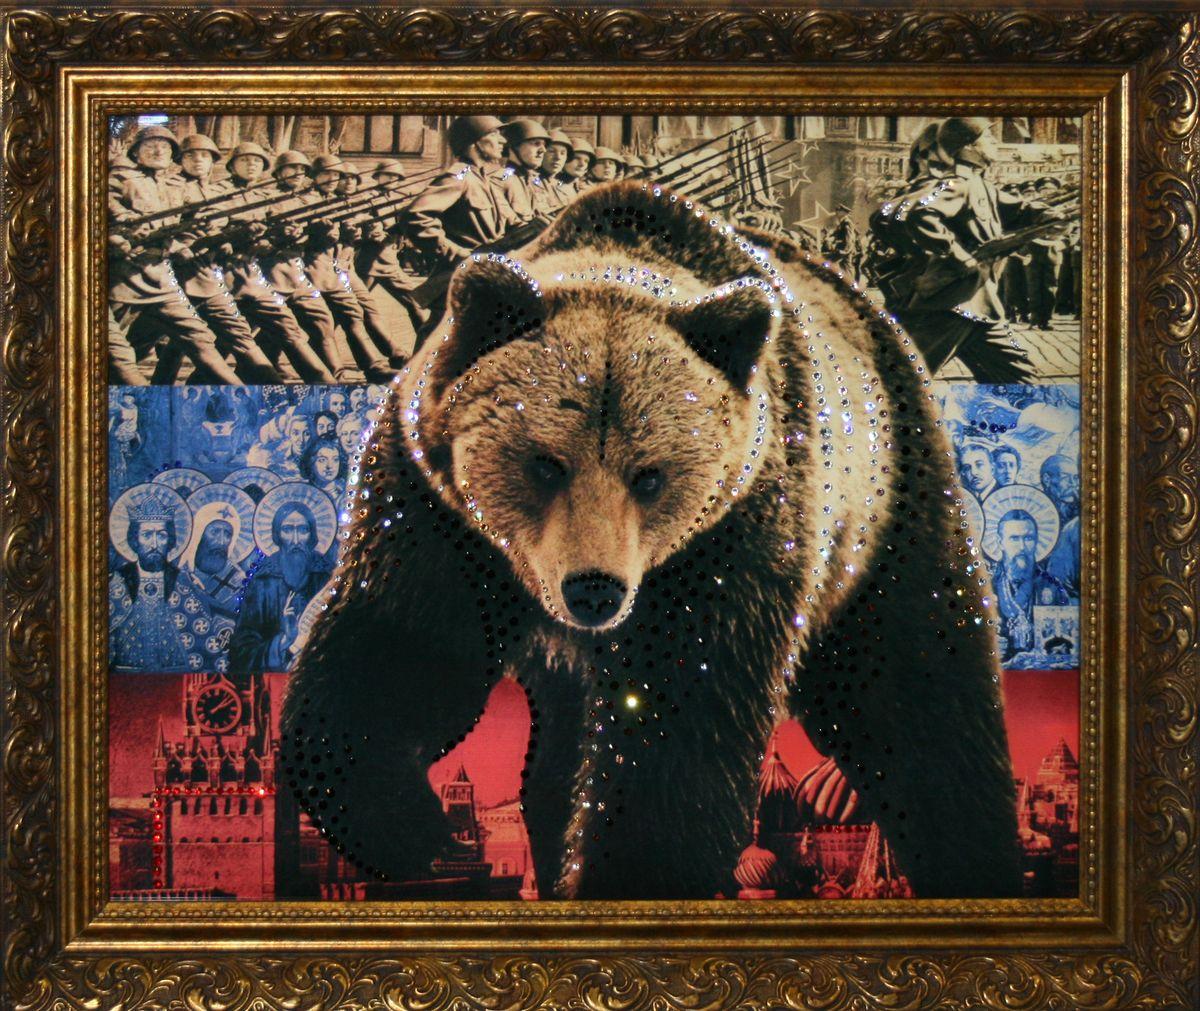 1605 Картина Сваровски Медьведь-символ России малый1605стекло, хрусталь, алюминий. 58,5х48,5